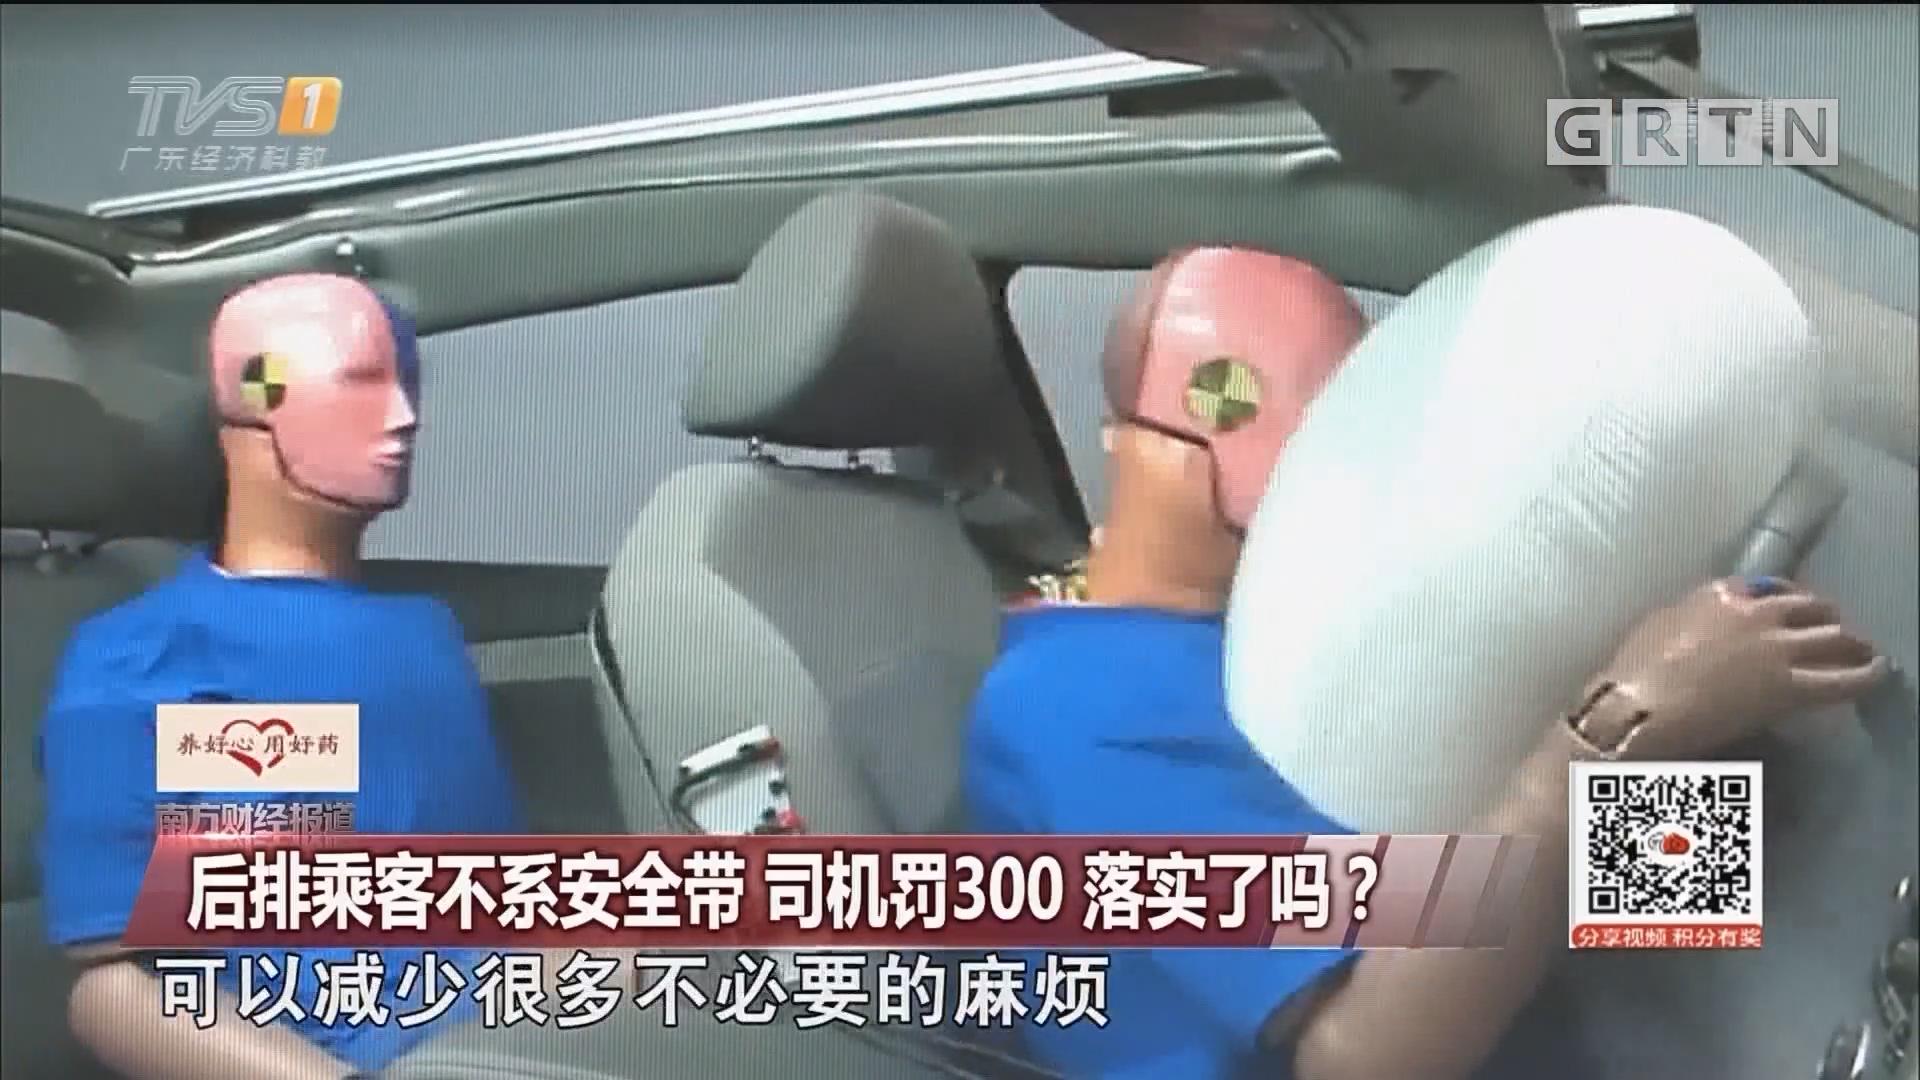 后排乘客不系安全帶 司機罰300 落實了嗎?